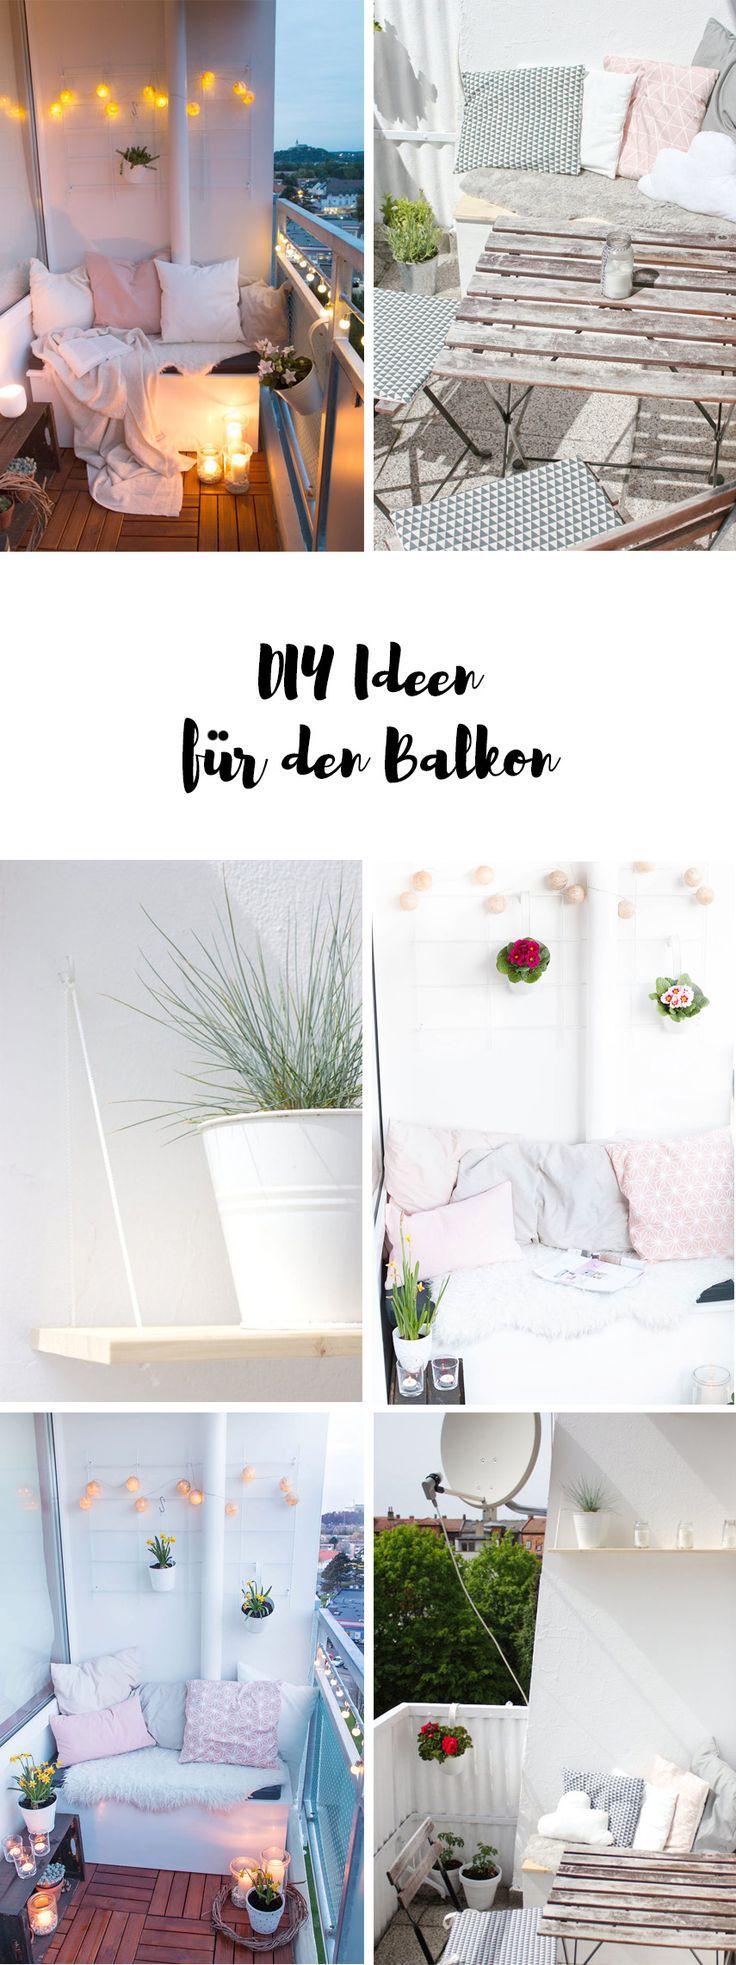 die 25+ besten ideen zu wohnung balkon dekoration auf pinterest ... - Wohnung Einzug Richtig Angeht